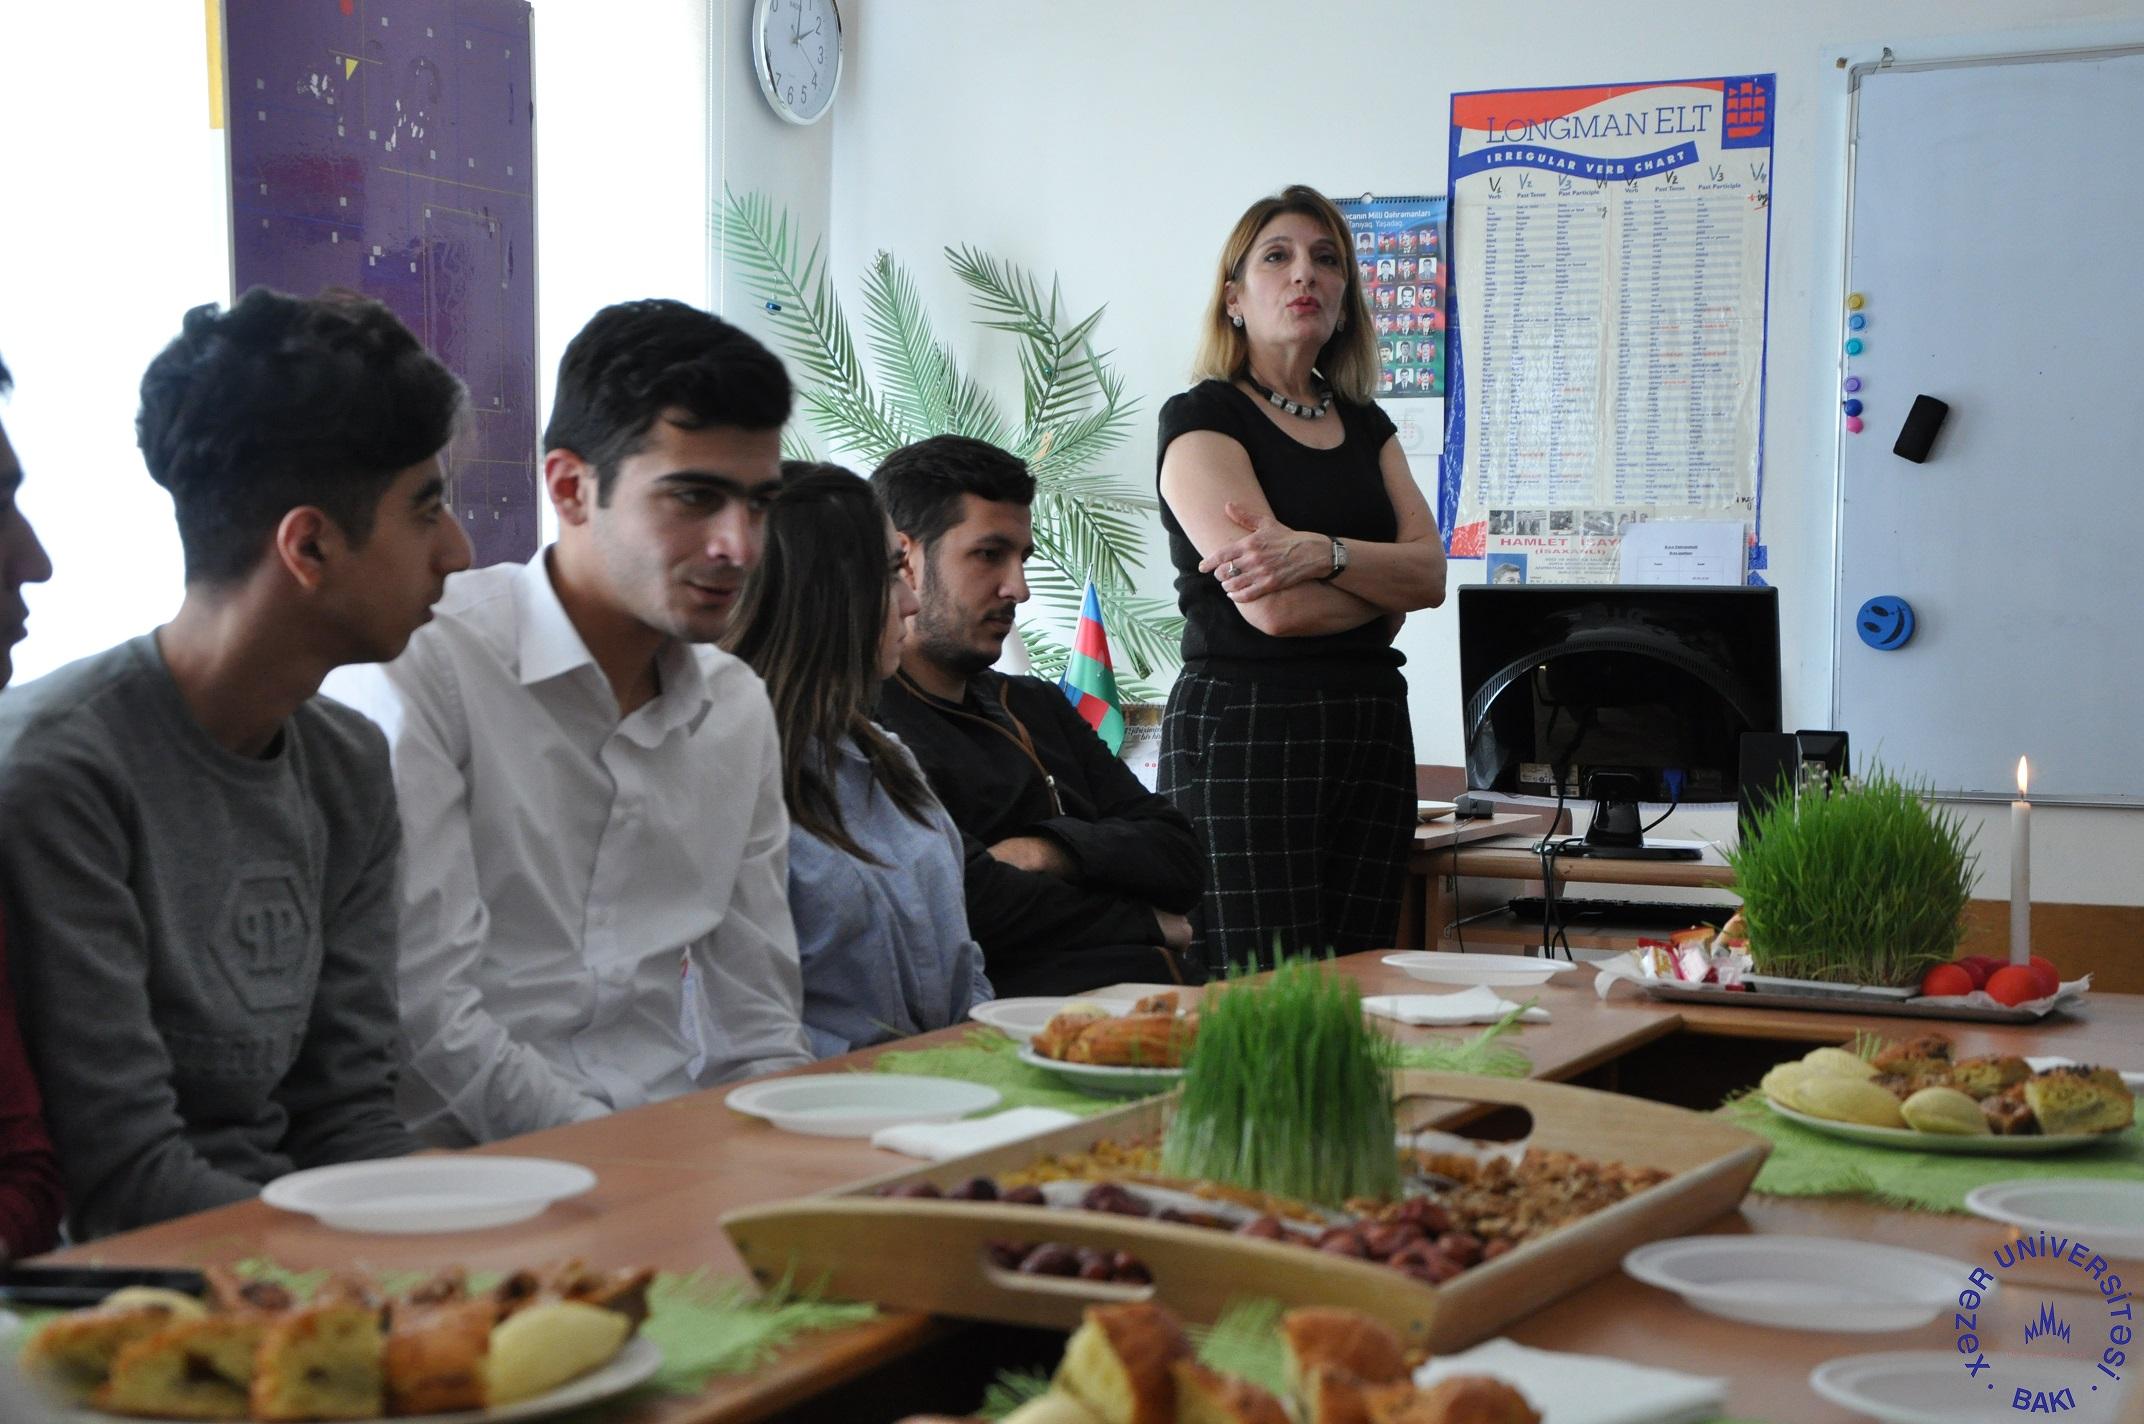 Tarix və arxeologiya departamentində Novruz bayramı qeyd olundu